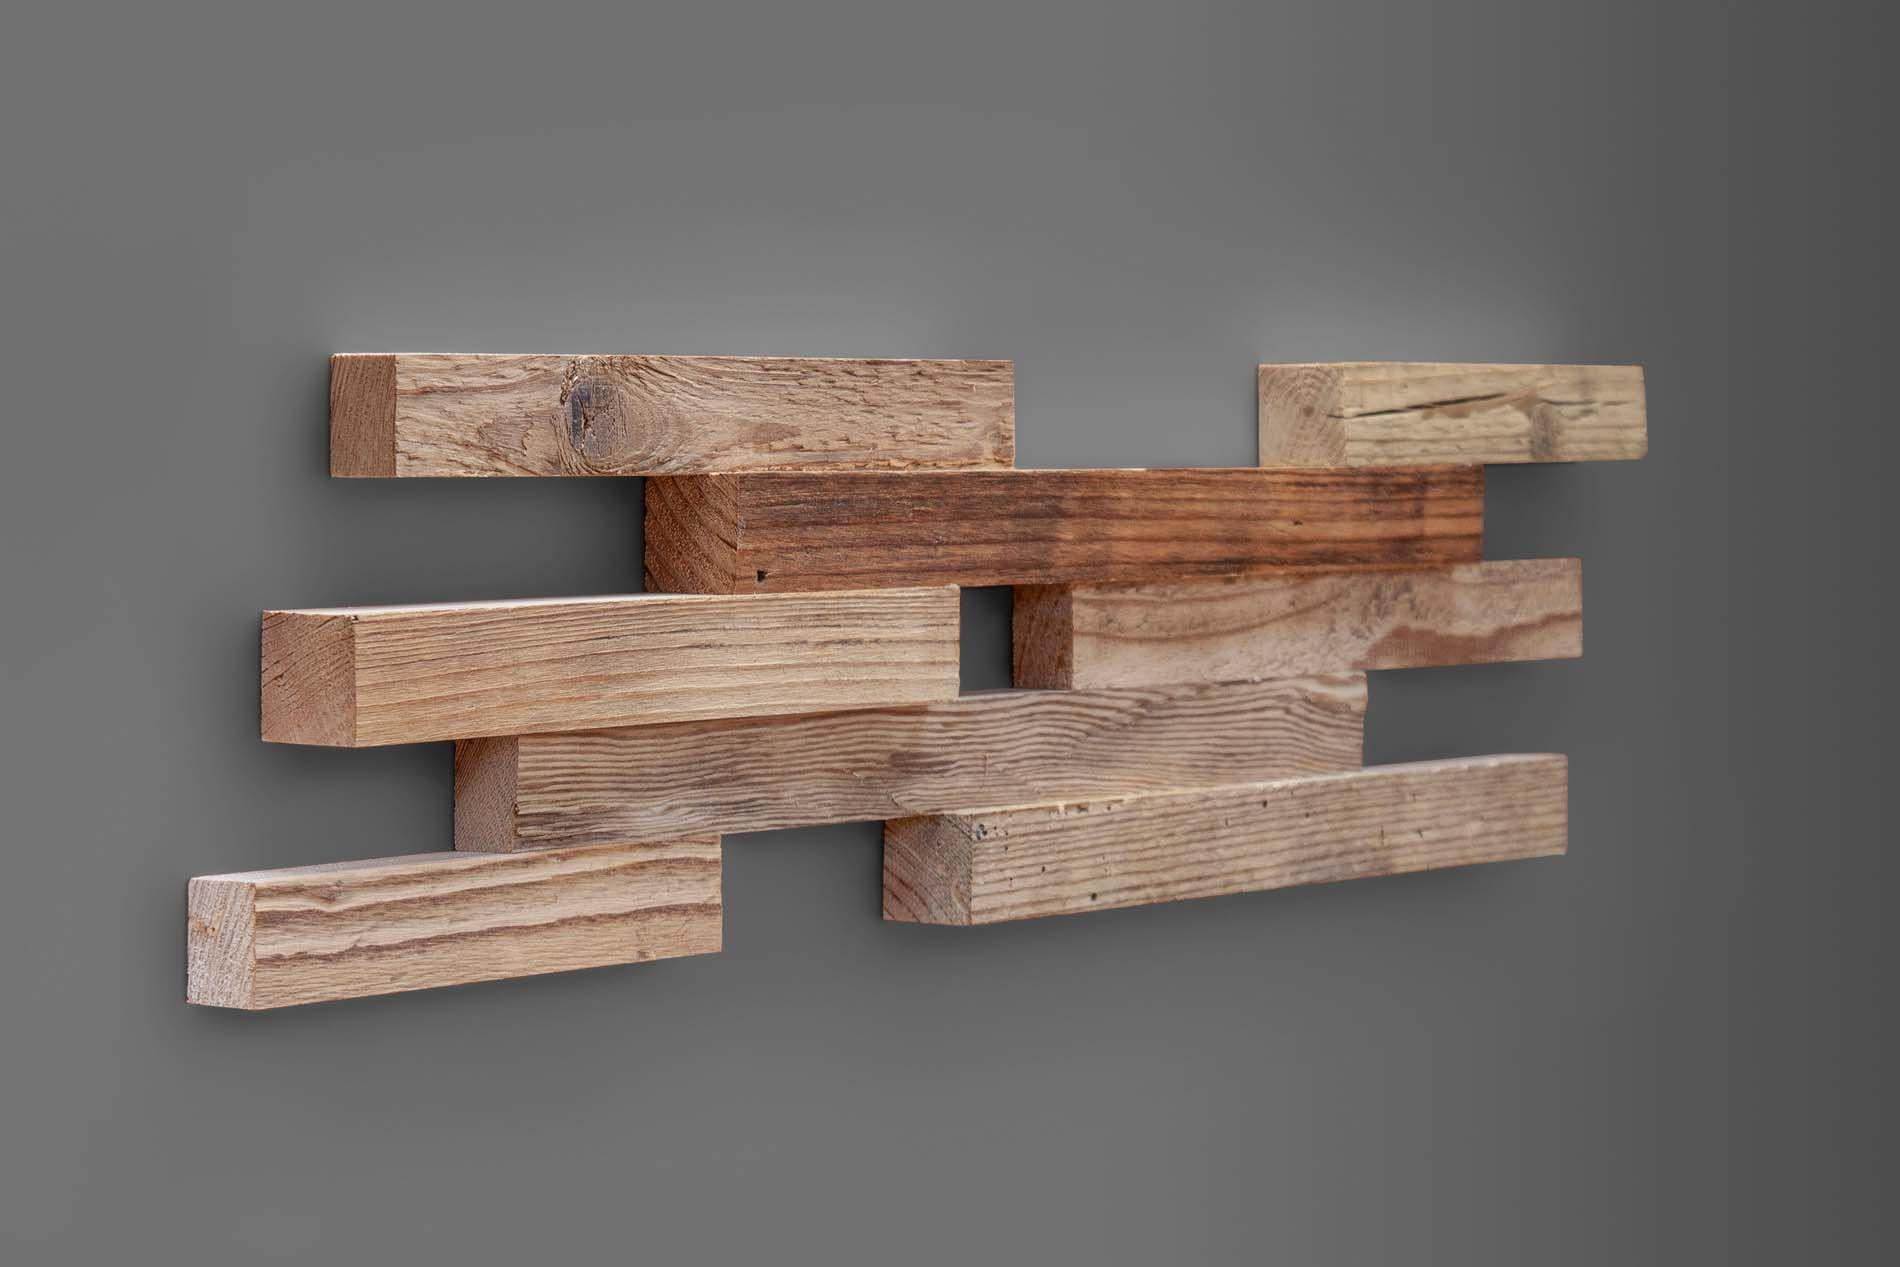 Wandverkleidung Altholz Brown 1 08 M Mit Bildern Wandverkleidung Holz Altholz Scheunenholz